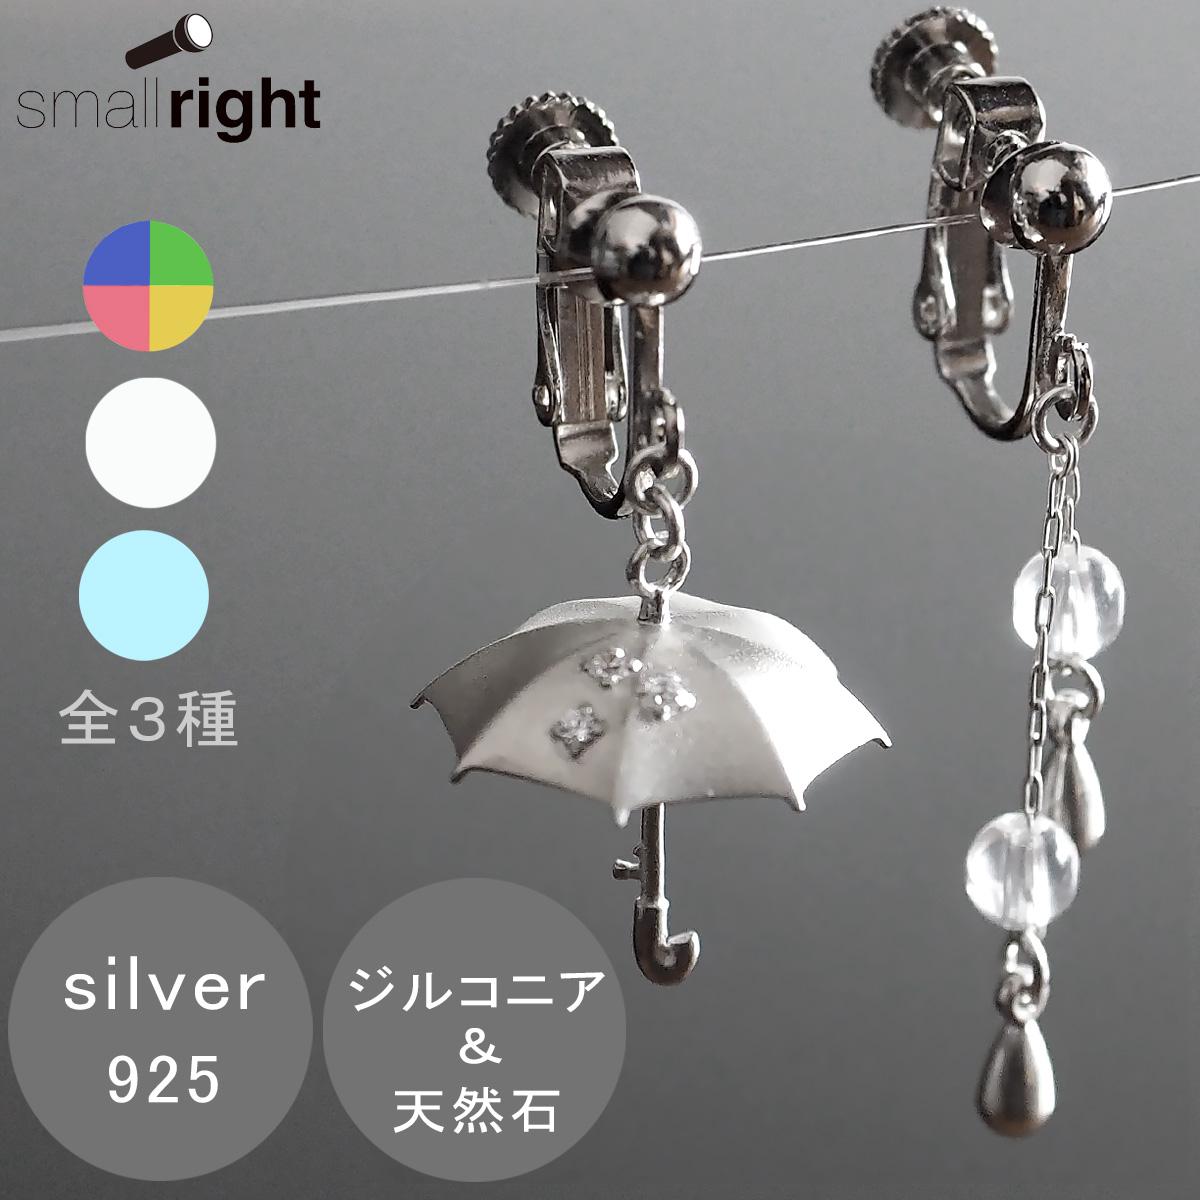 small right(スモールライト) 手作りアクセサリー 傘と雫のイヤリング シルバー アシンメトリー 2個セット [SR-PC-05-E]